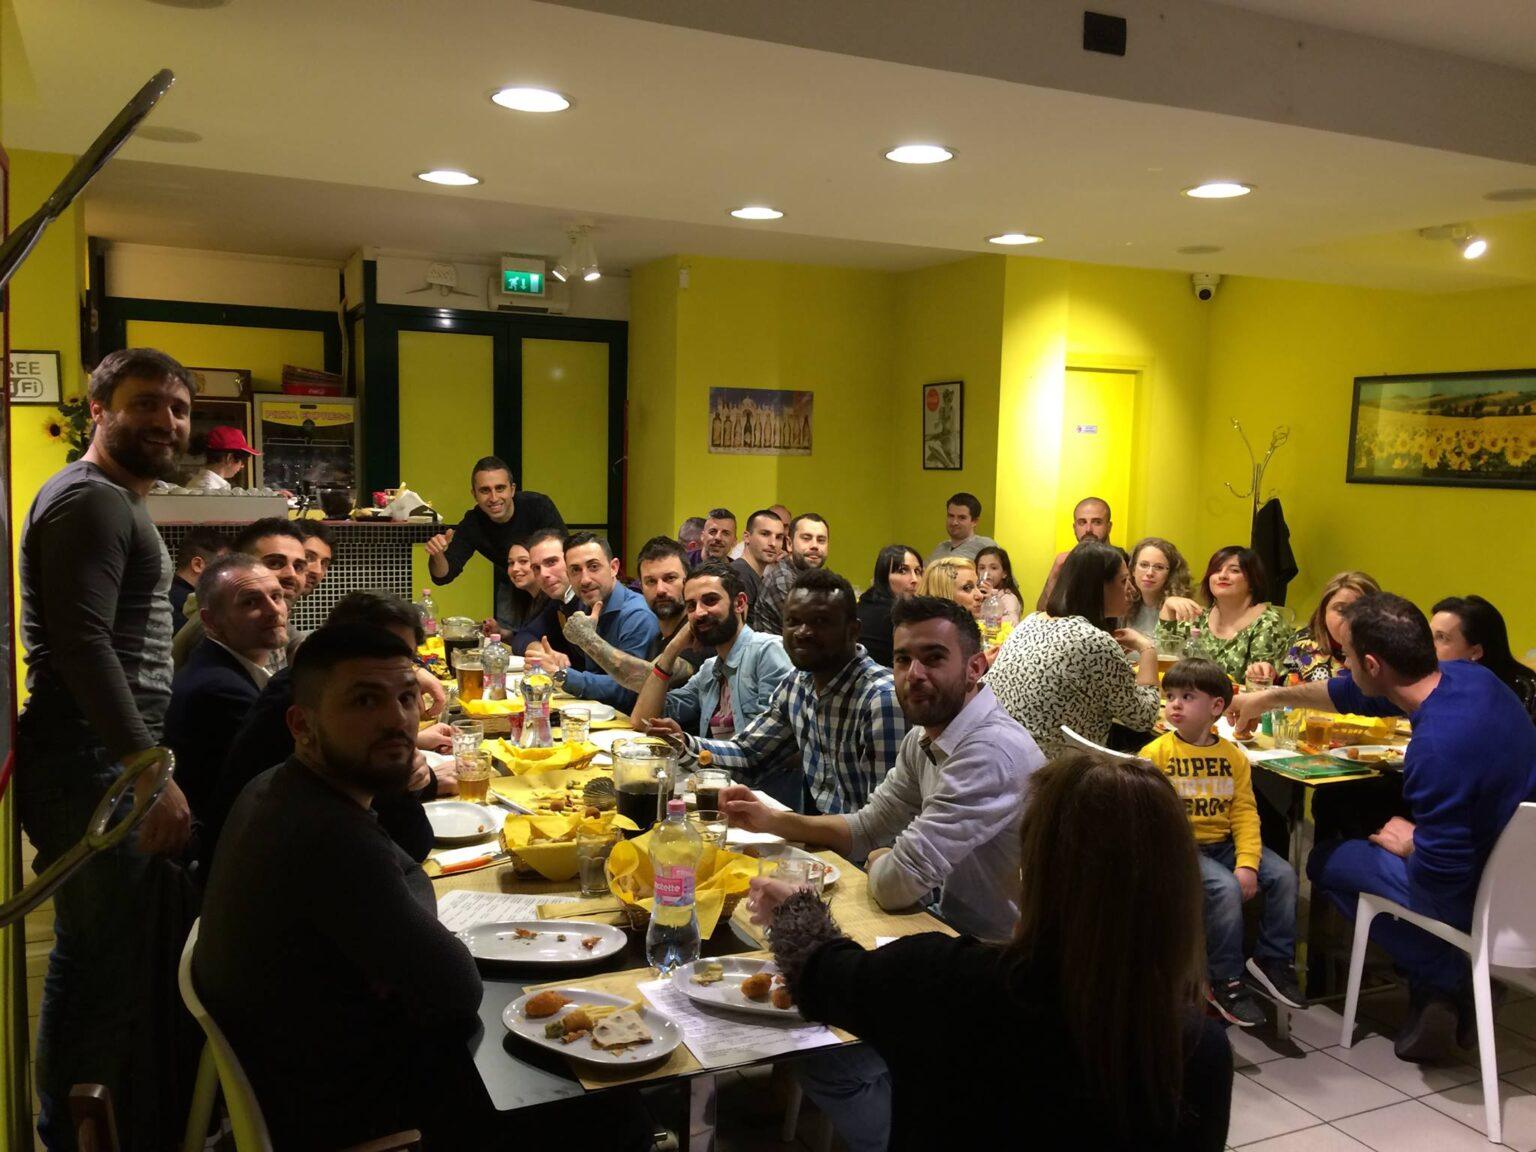 cena clienti a pizza express